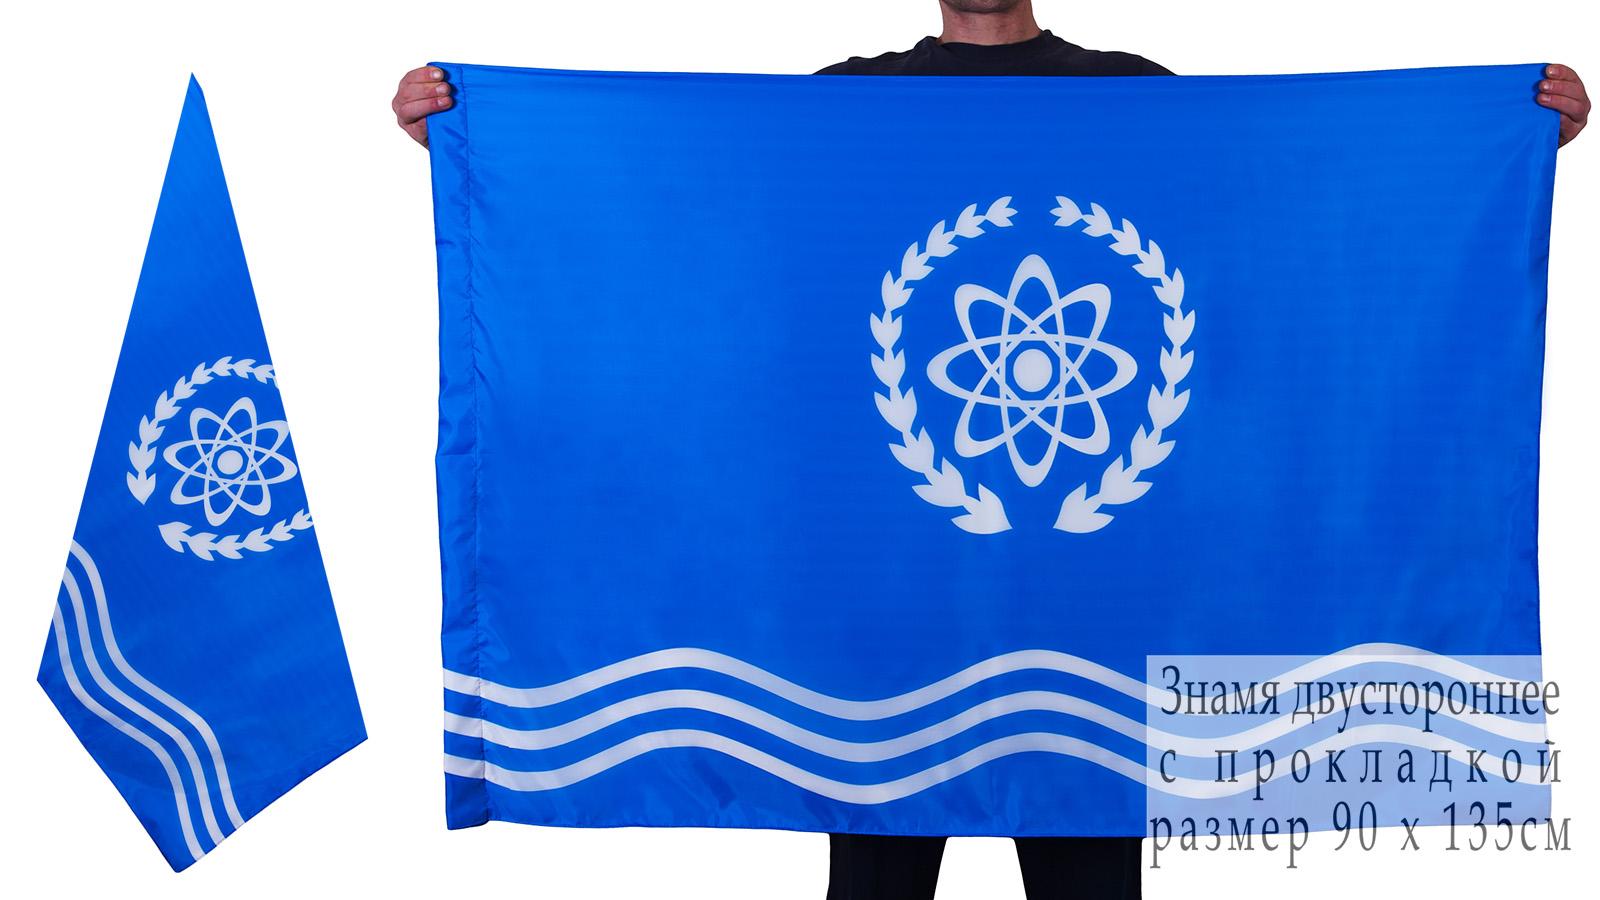 Двухсторонний флаг Обнинска